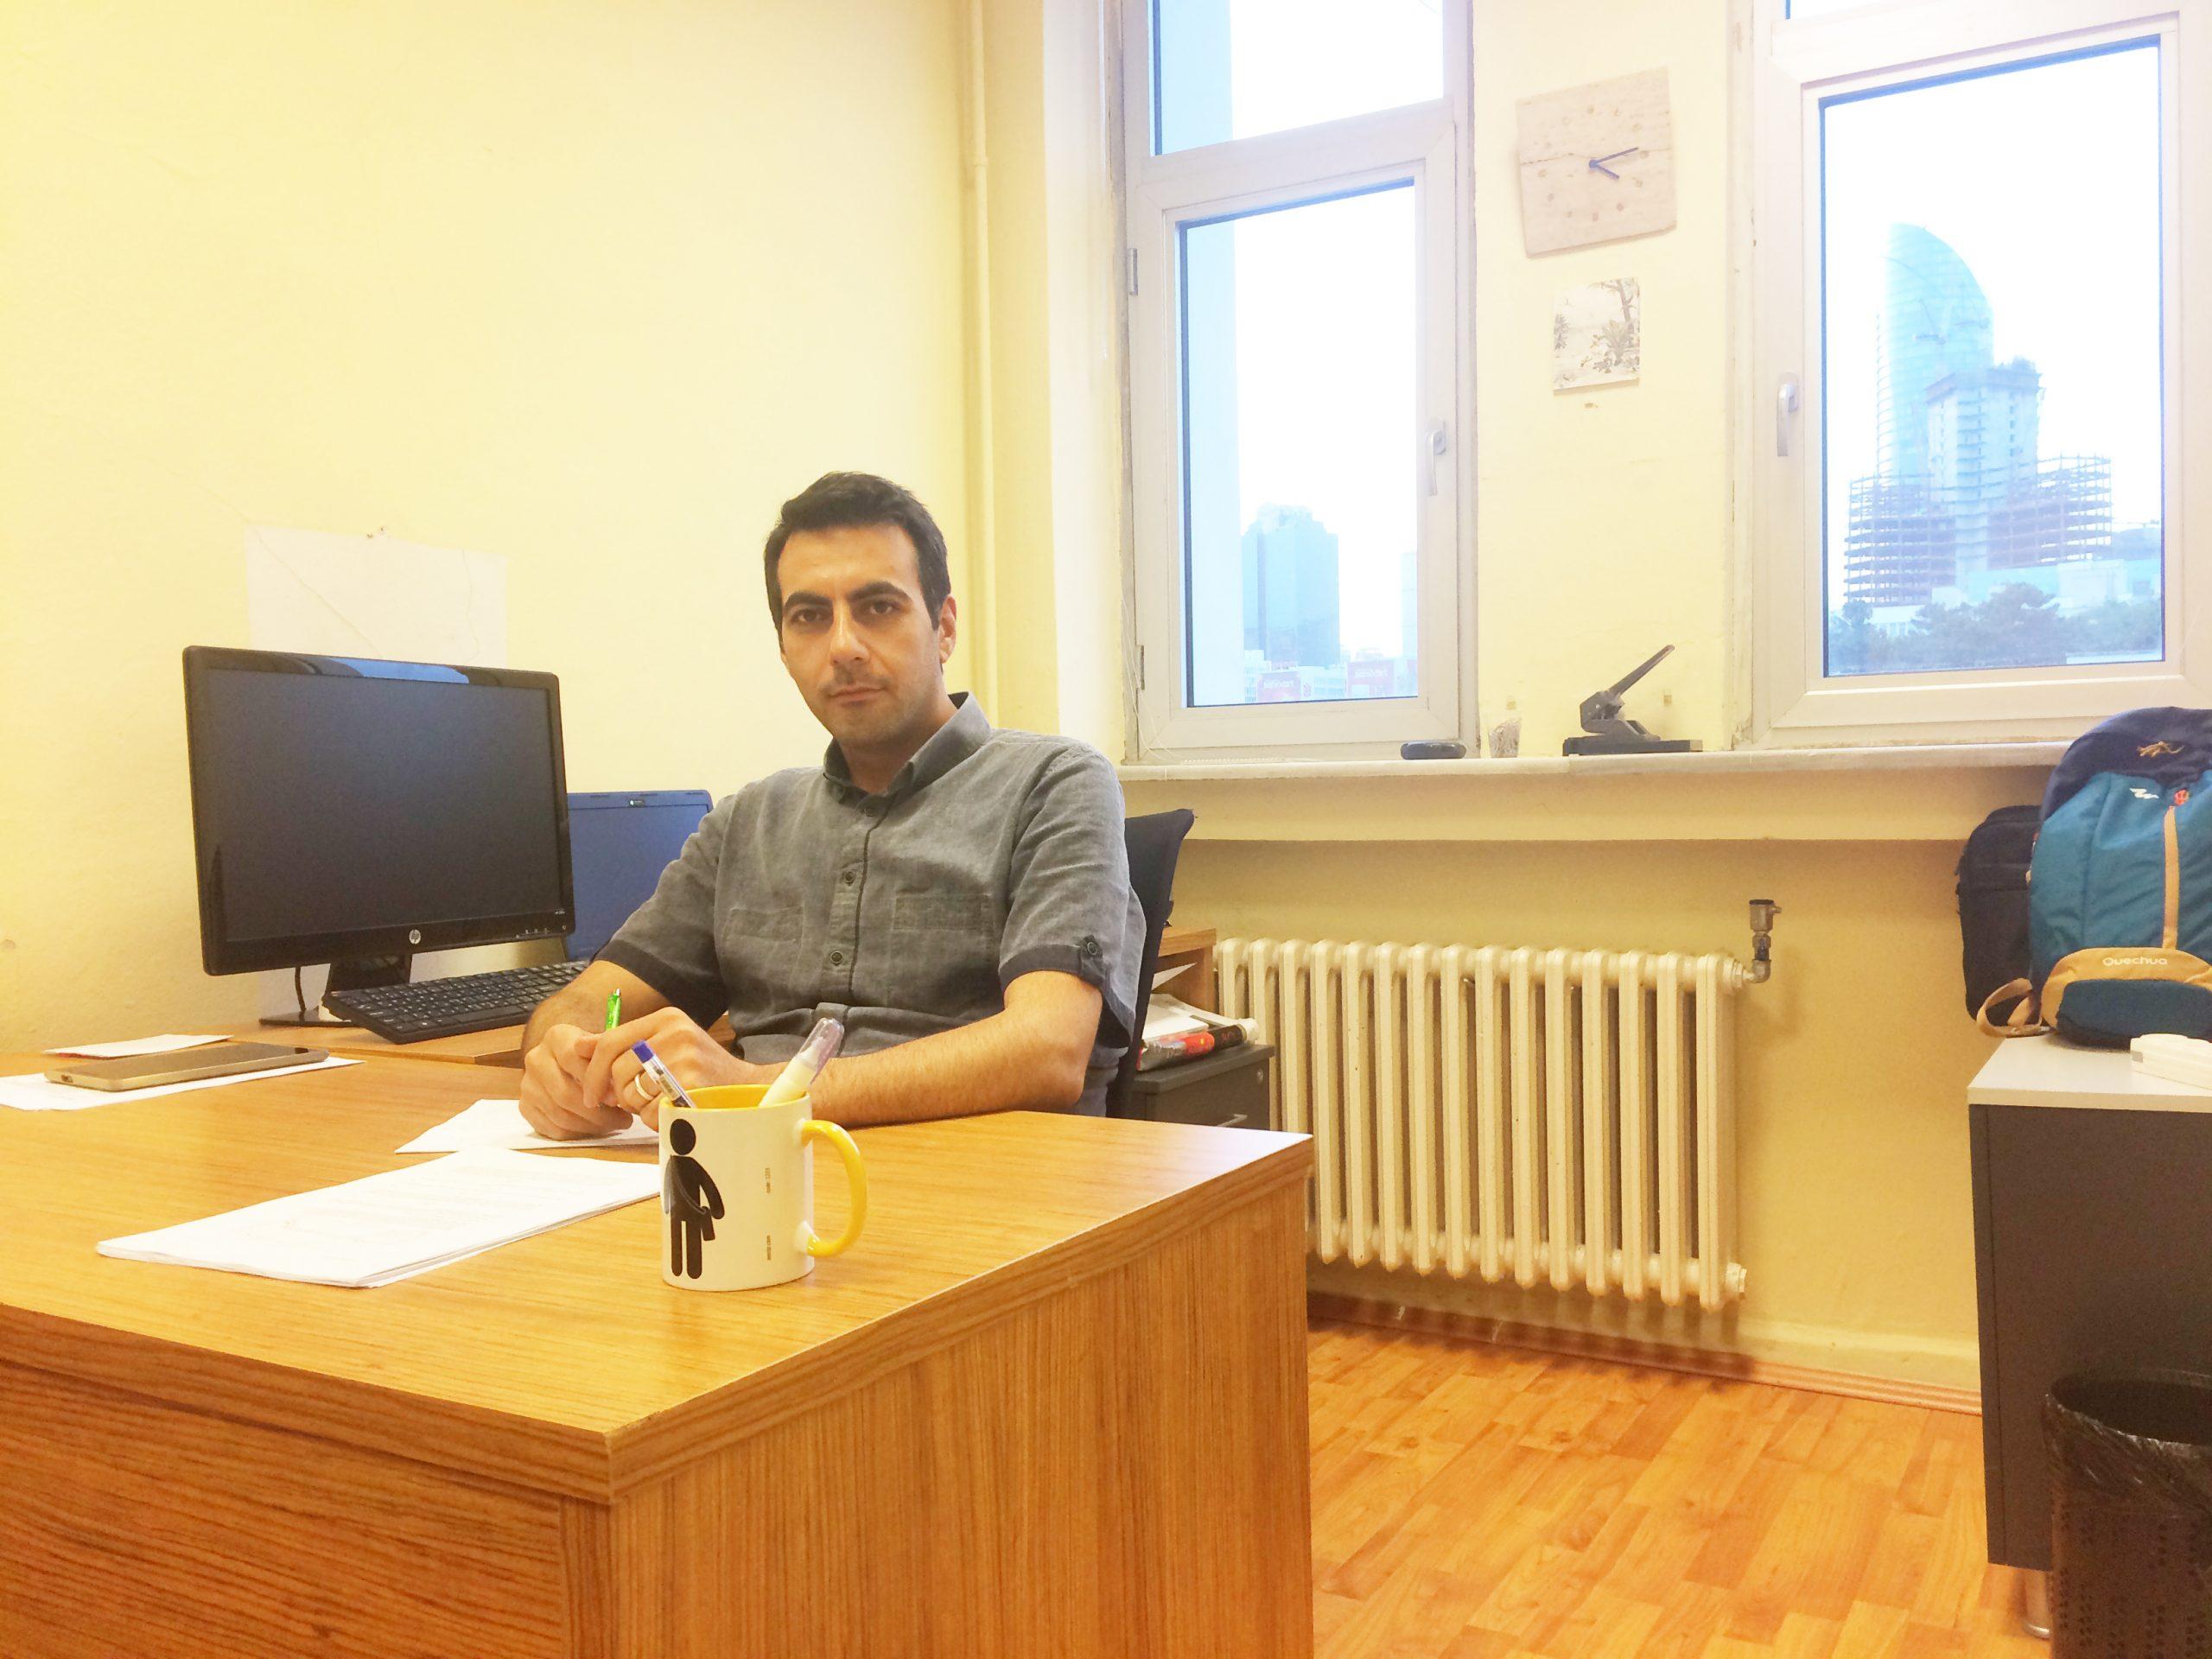 «توحید نوزاد خلیل»، دانشجوی دکترای علوم زمین ، دانشگاه استانبول تکنیک در گفتگو با «شهاب زنجان»: خودخواهی، عامل ساخت و ساز در بستر رودخانه ها